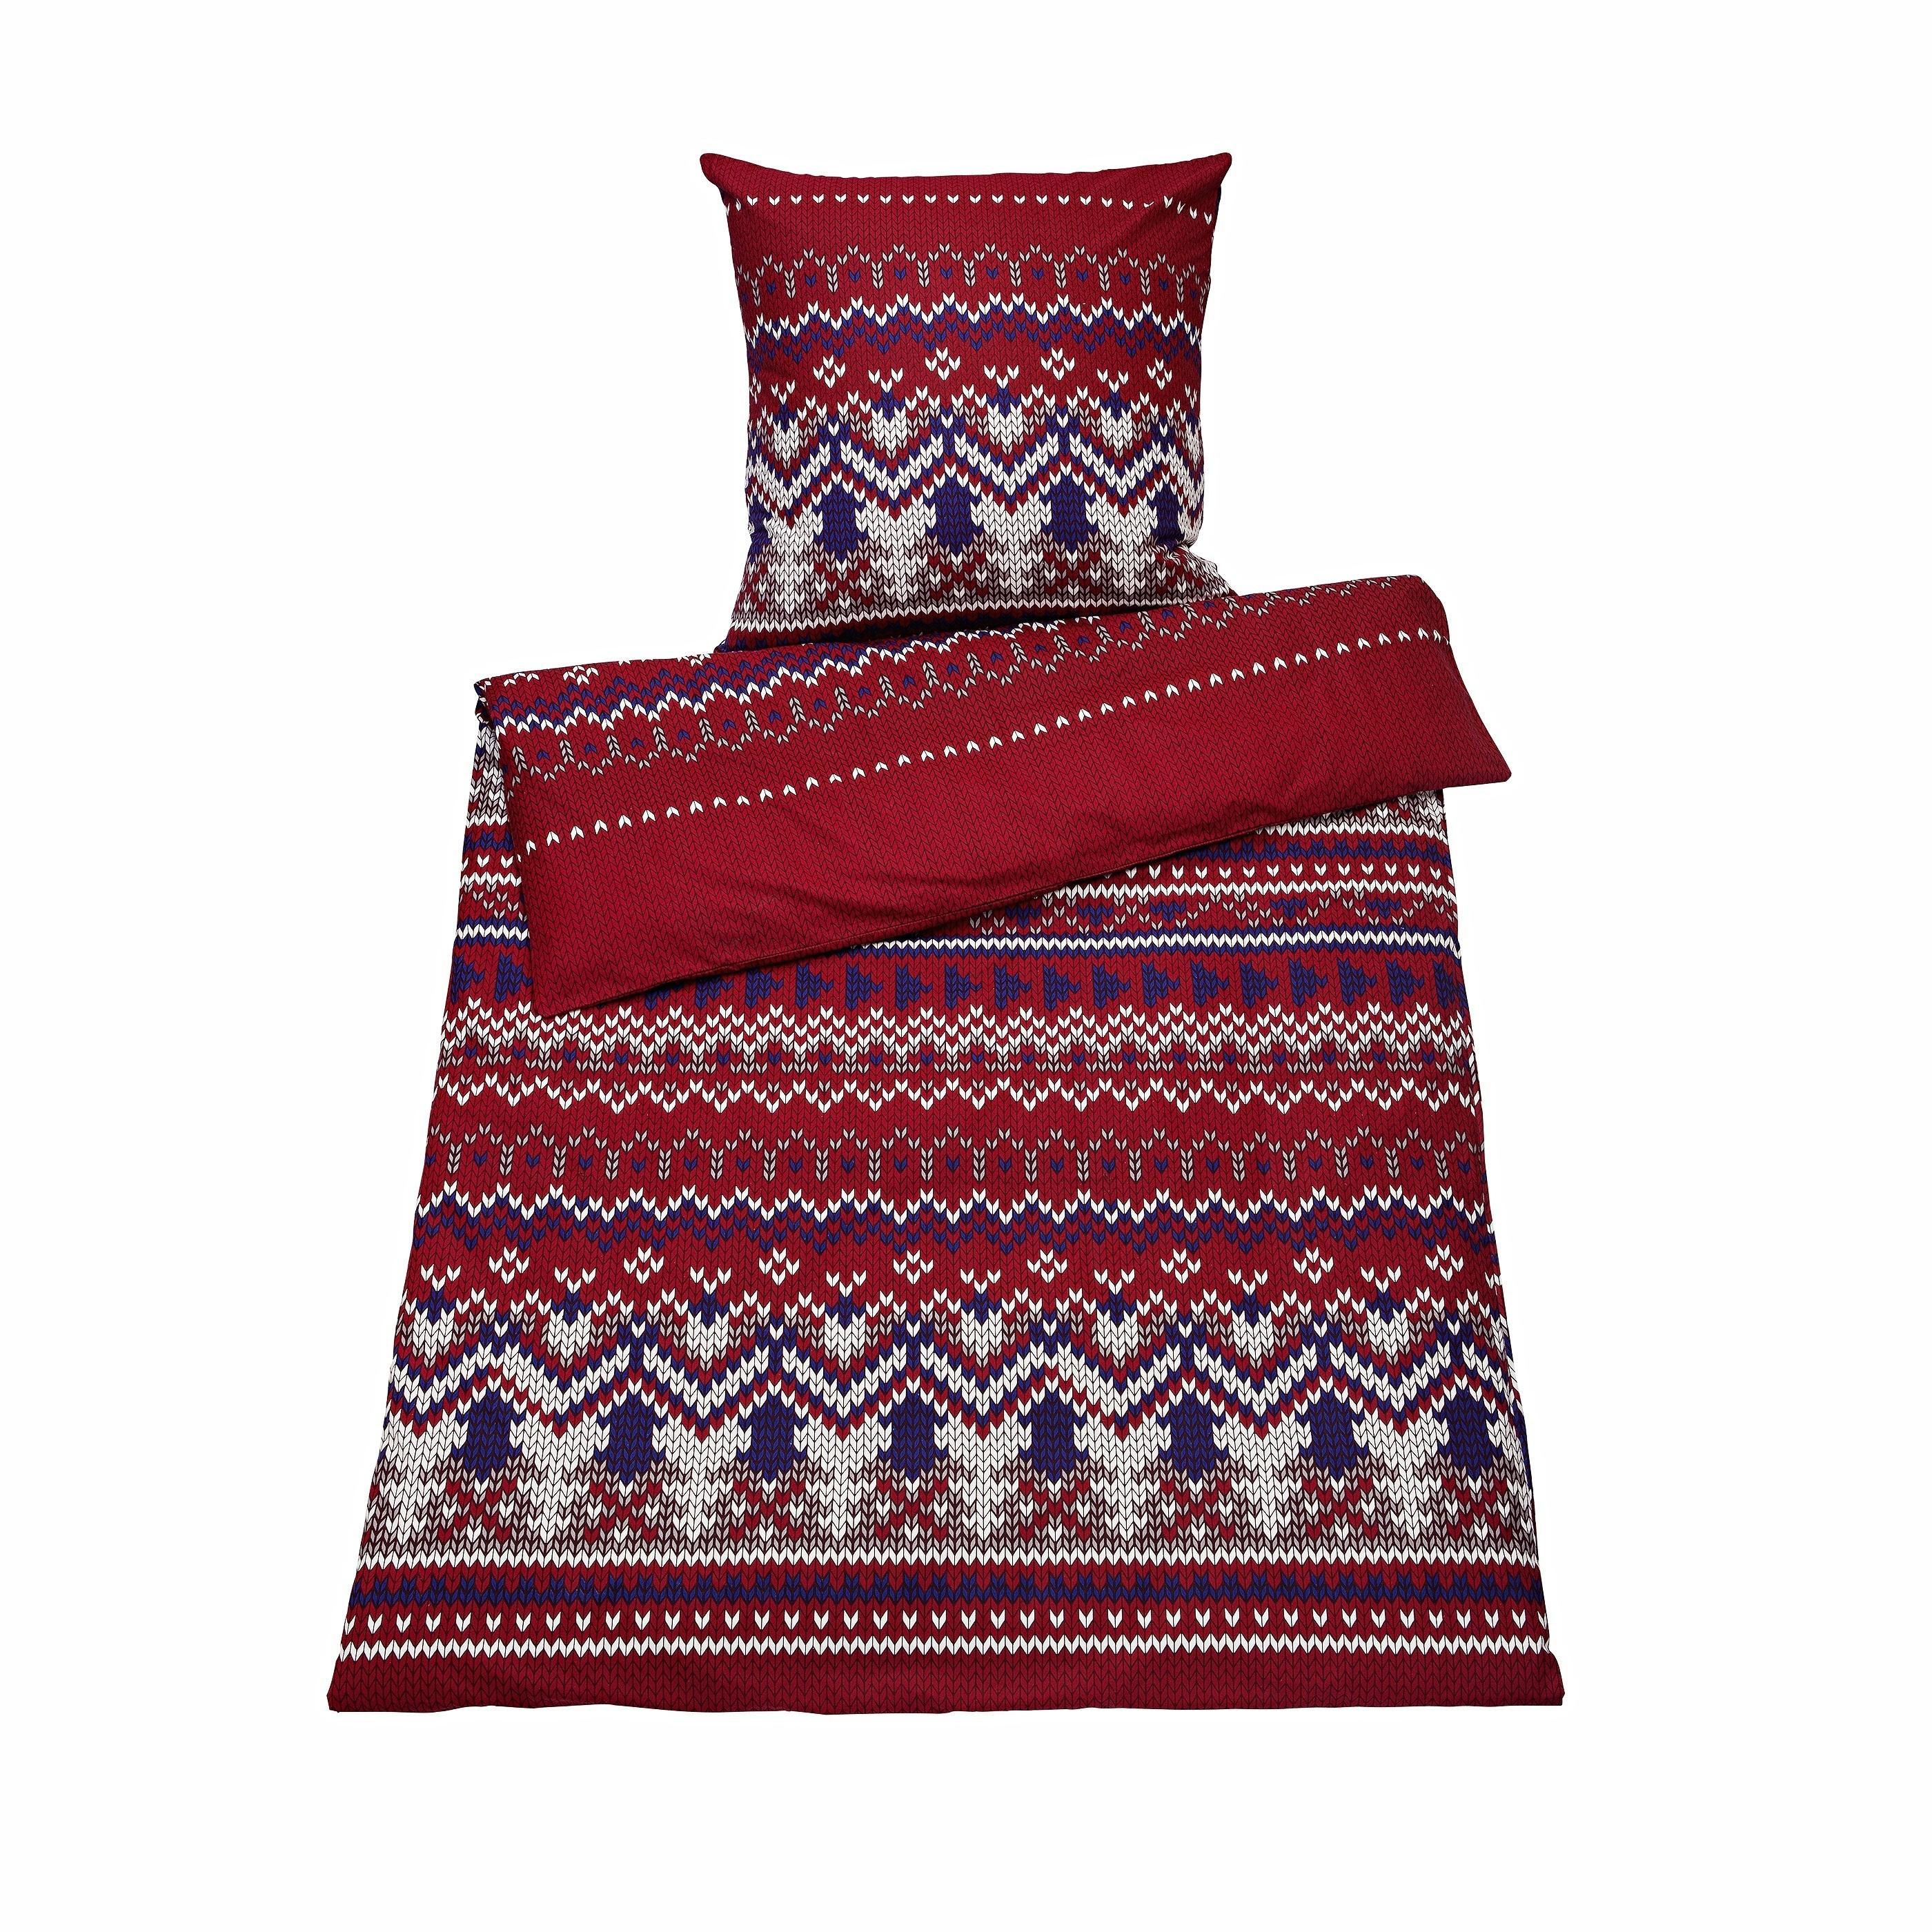 Biber Bettwäsche Göran 155 x 220 cm 100/% Baumwolle Reißverschluss Rot Weiß